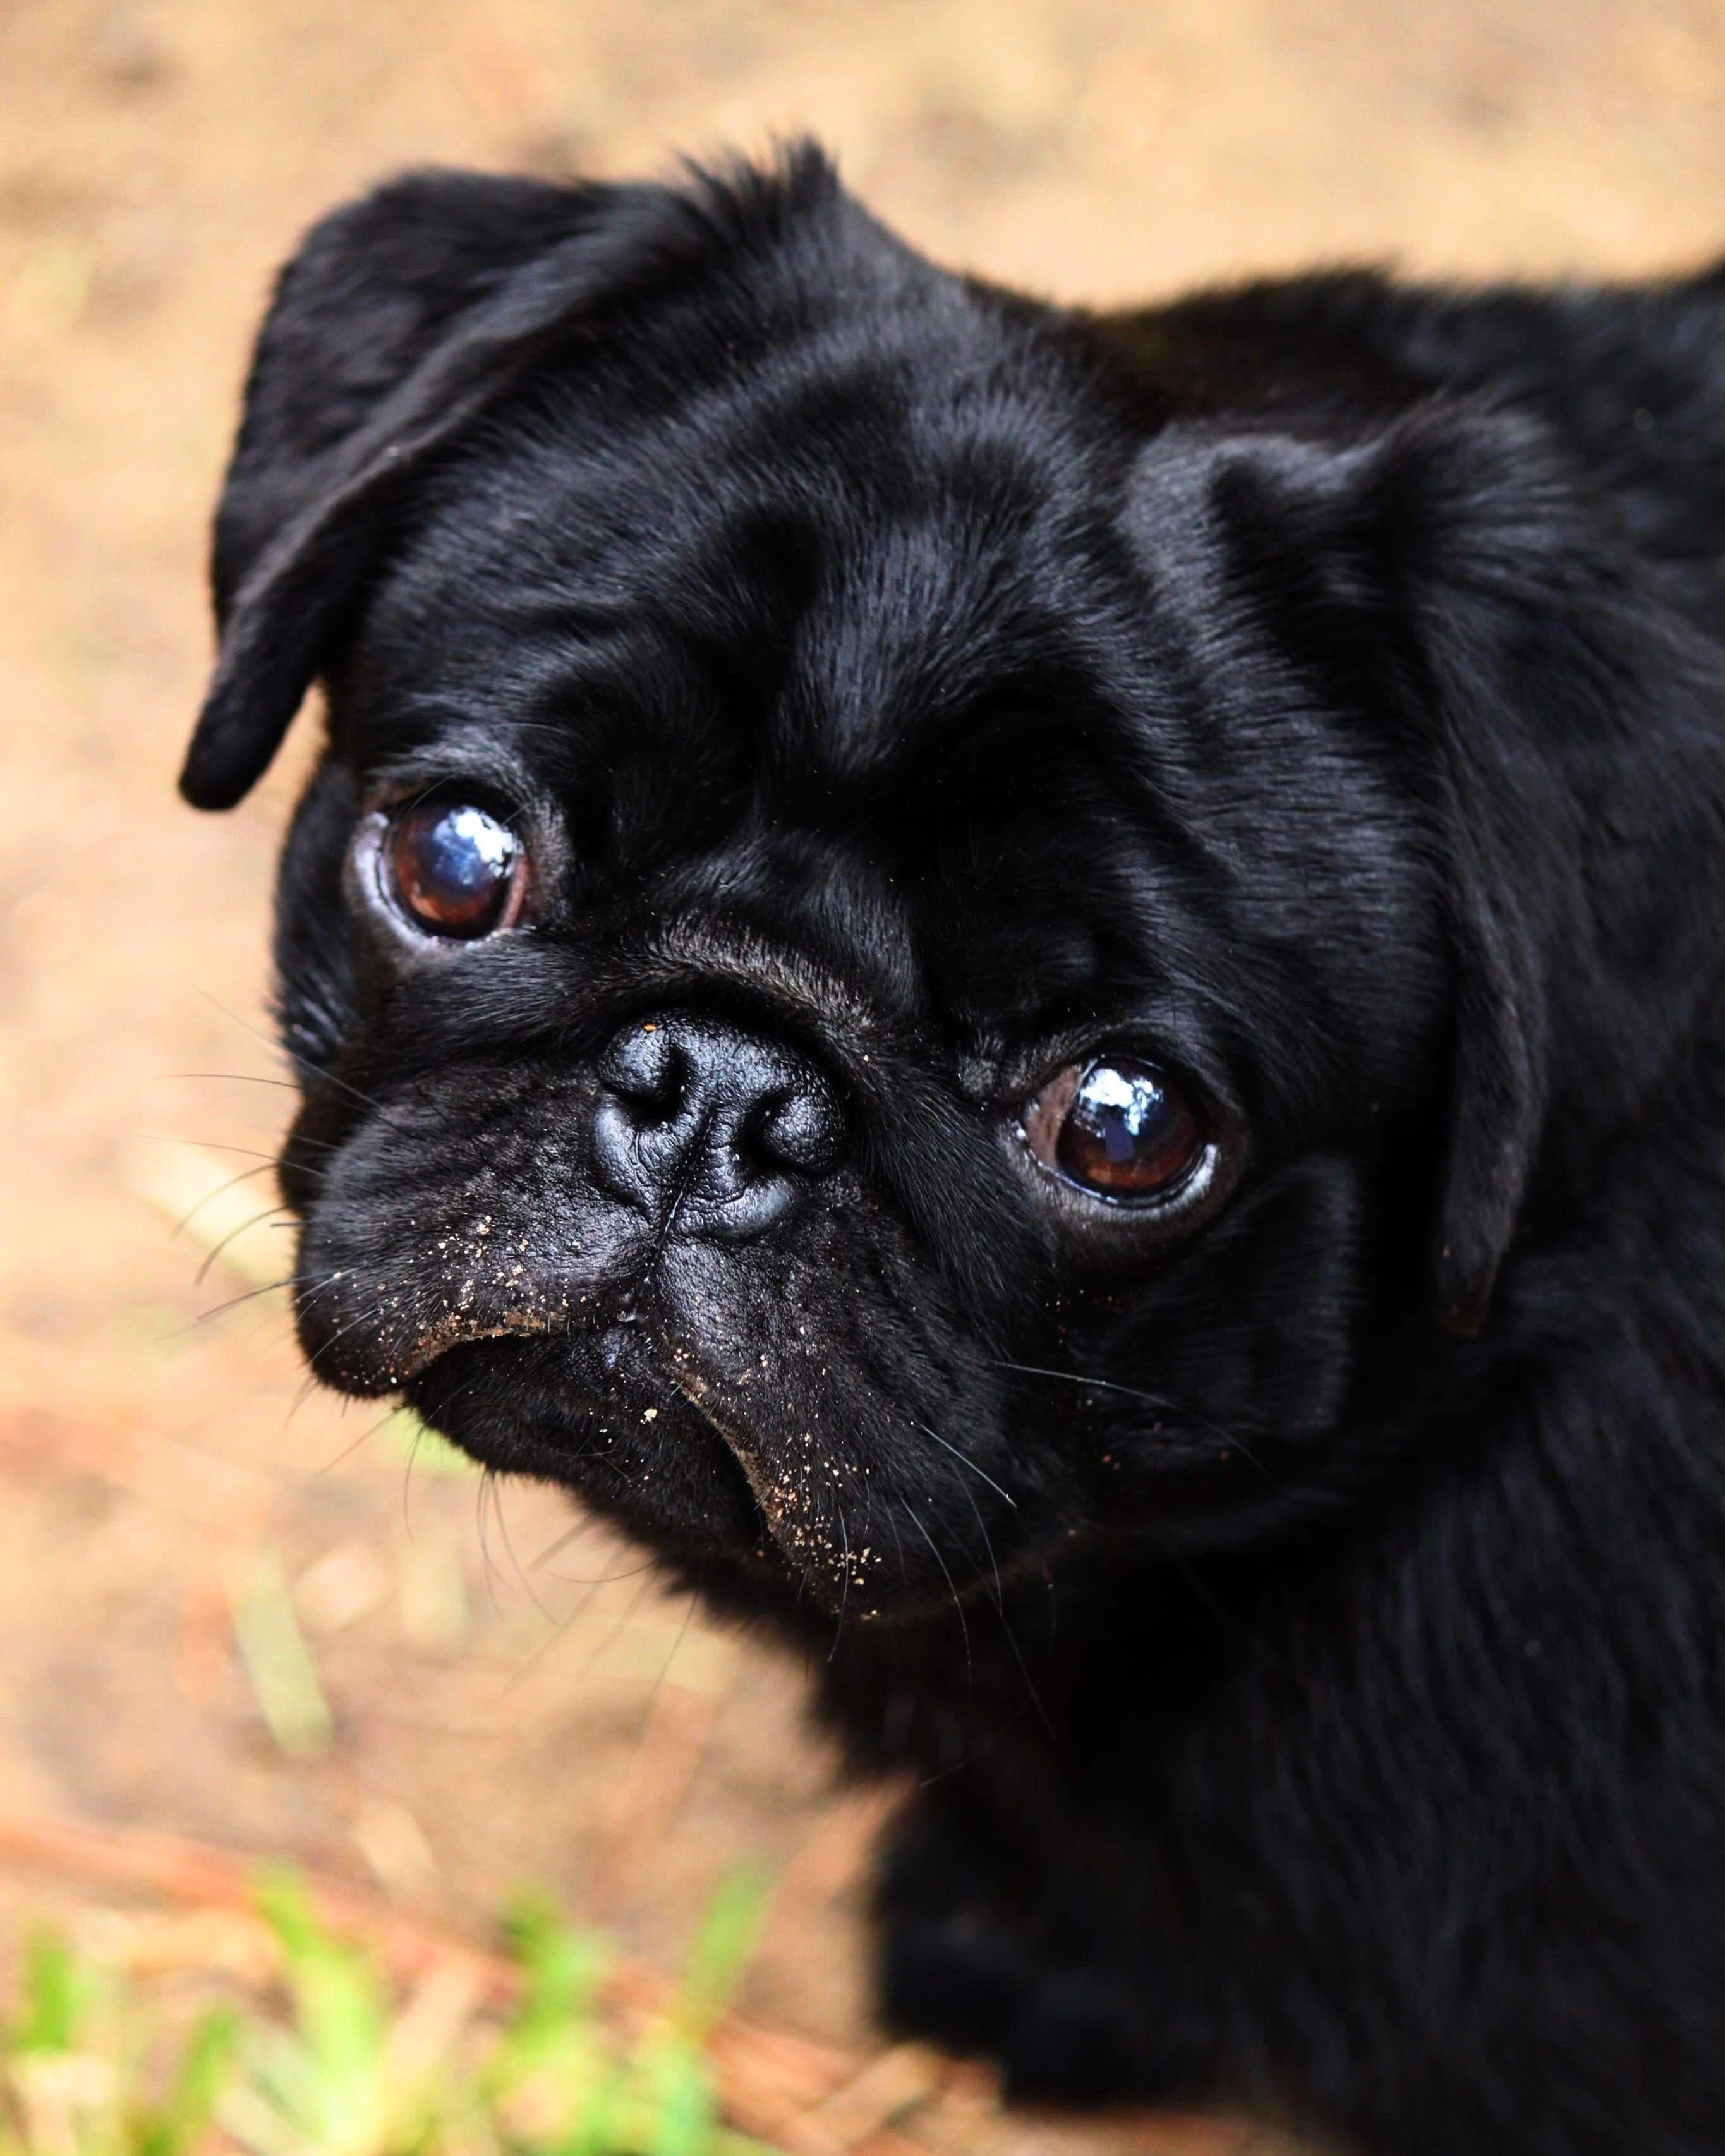 Boo The Black Pug Pugs Black Pug Pug Love